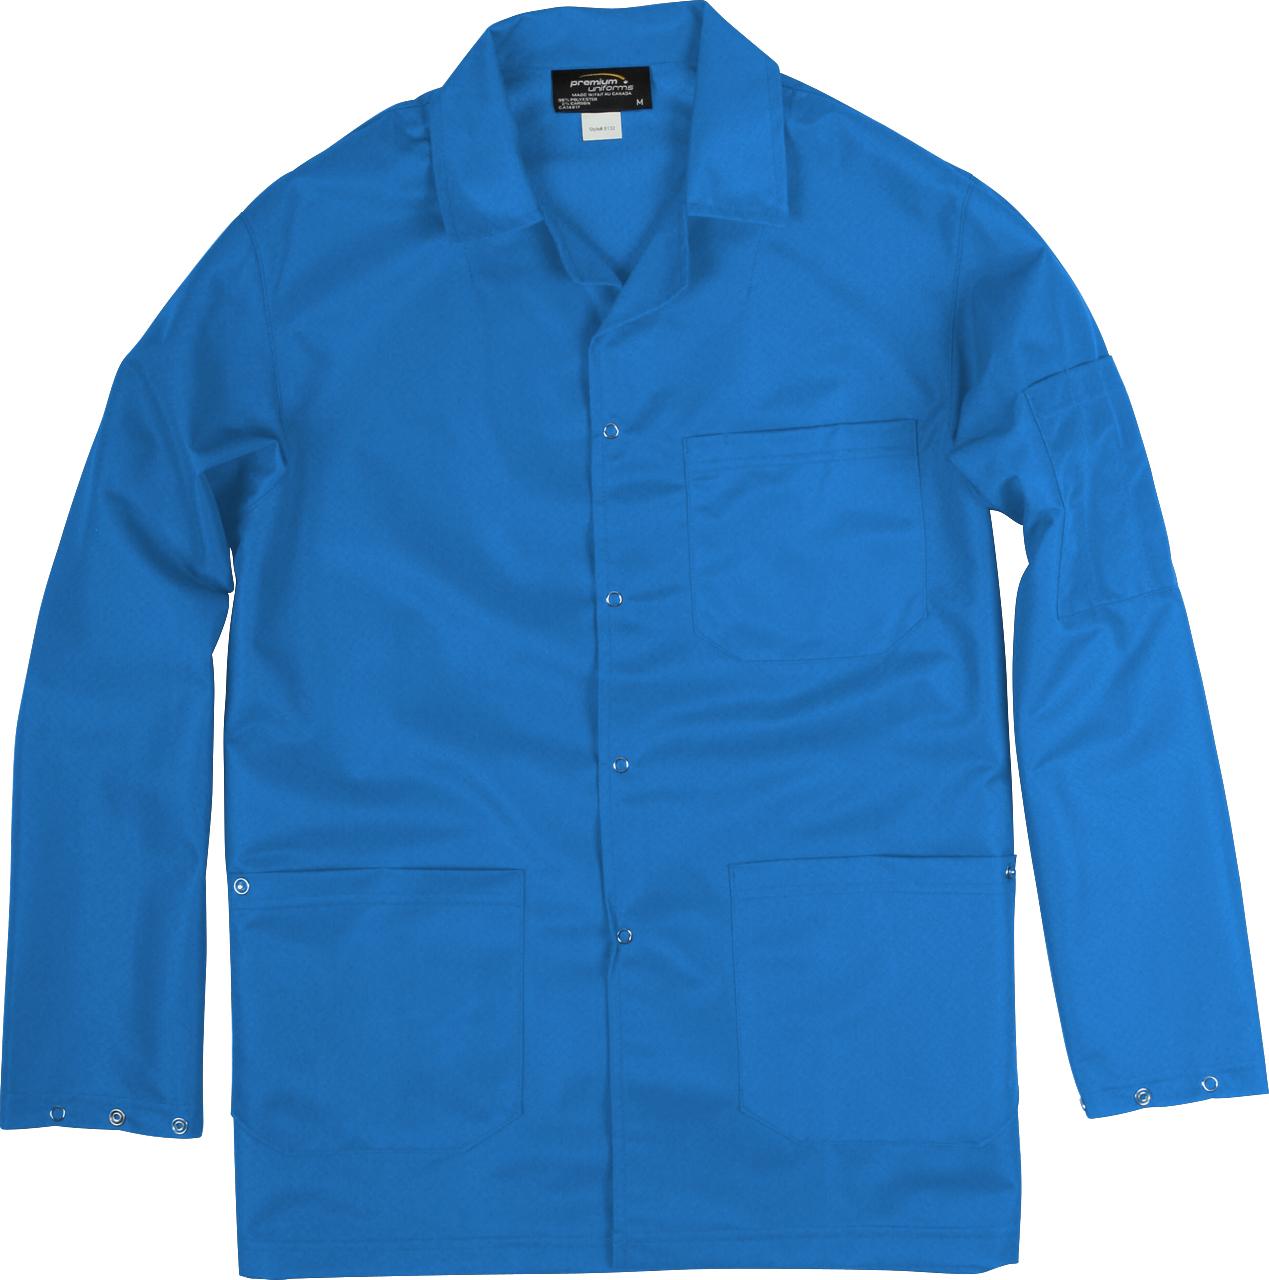 Picture of Premium Uniforms Esd Counter Coat